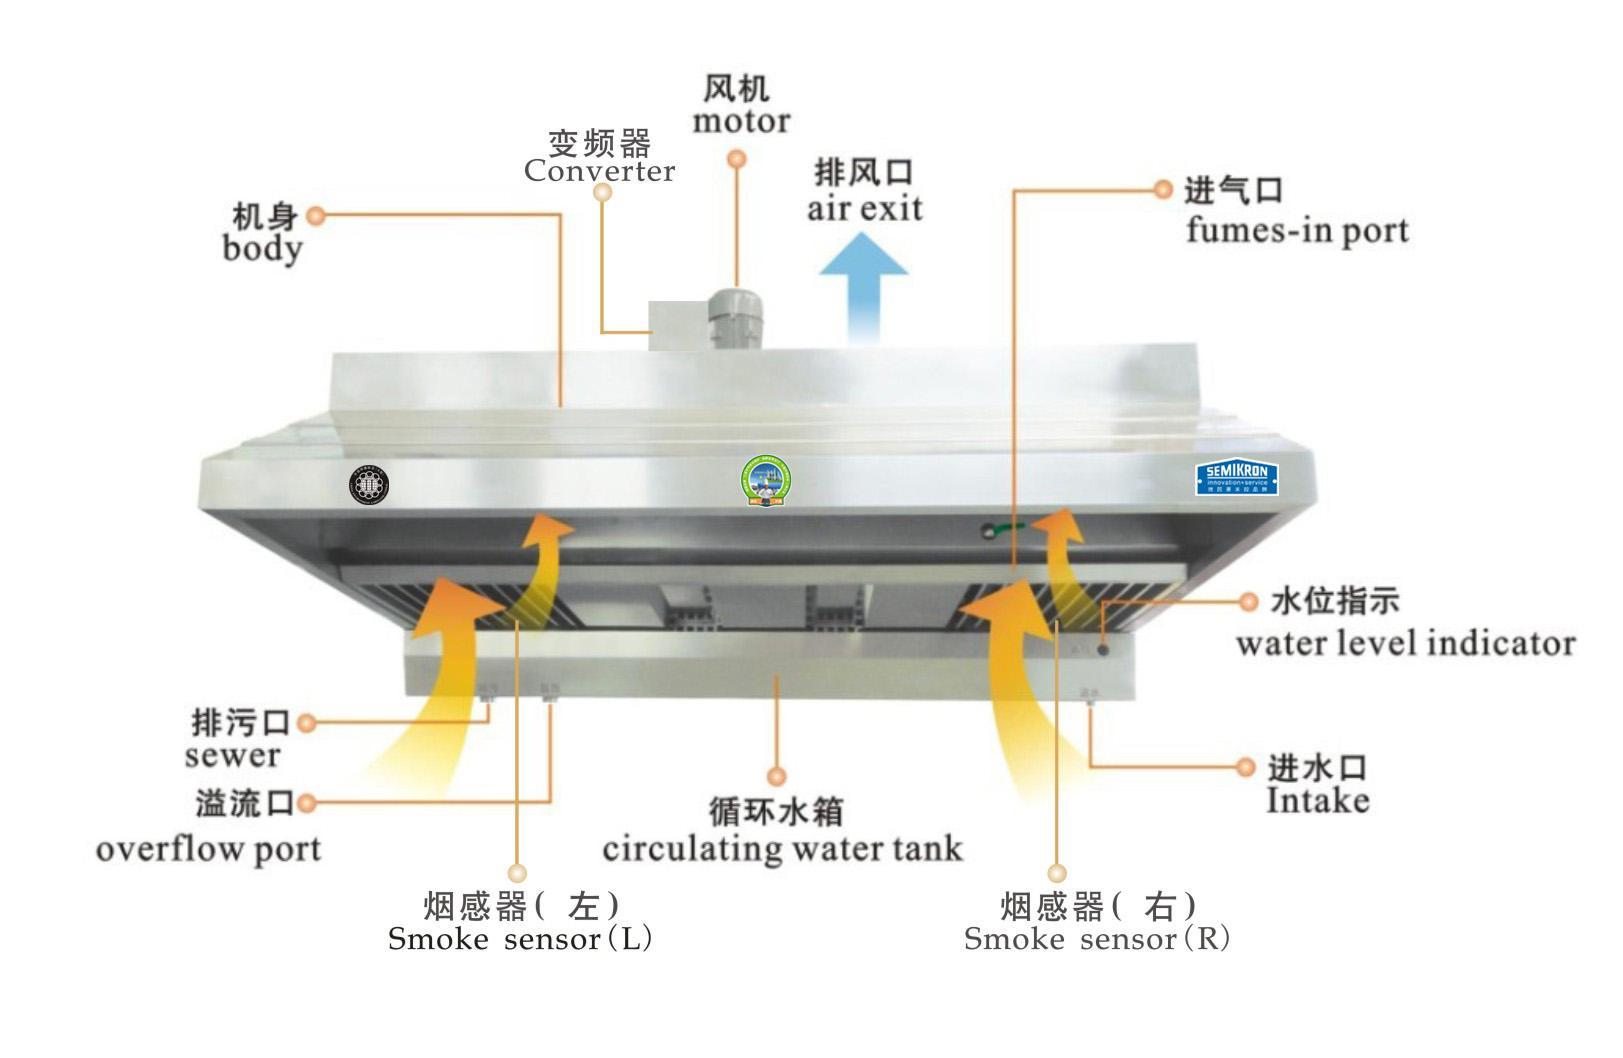 油烟净化一体机为何选赛米控变频技术的?